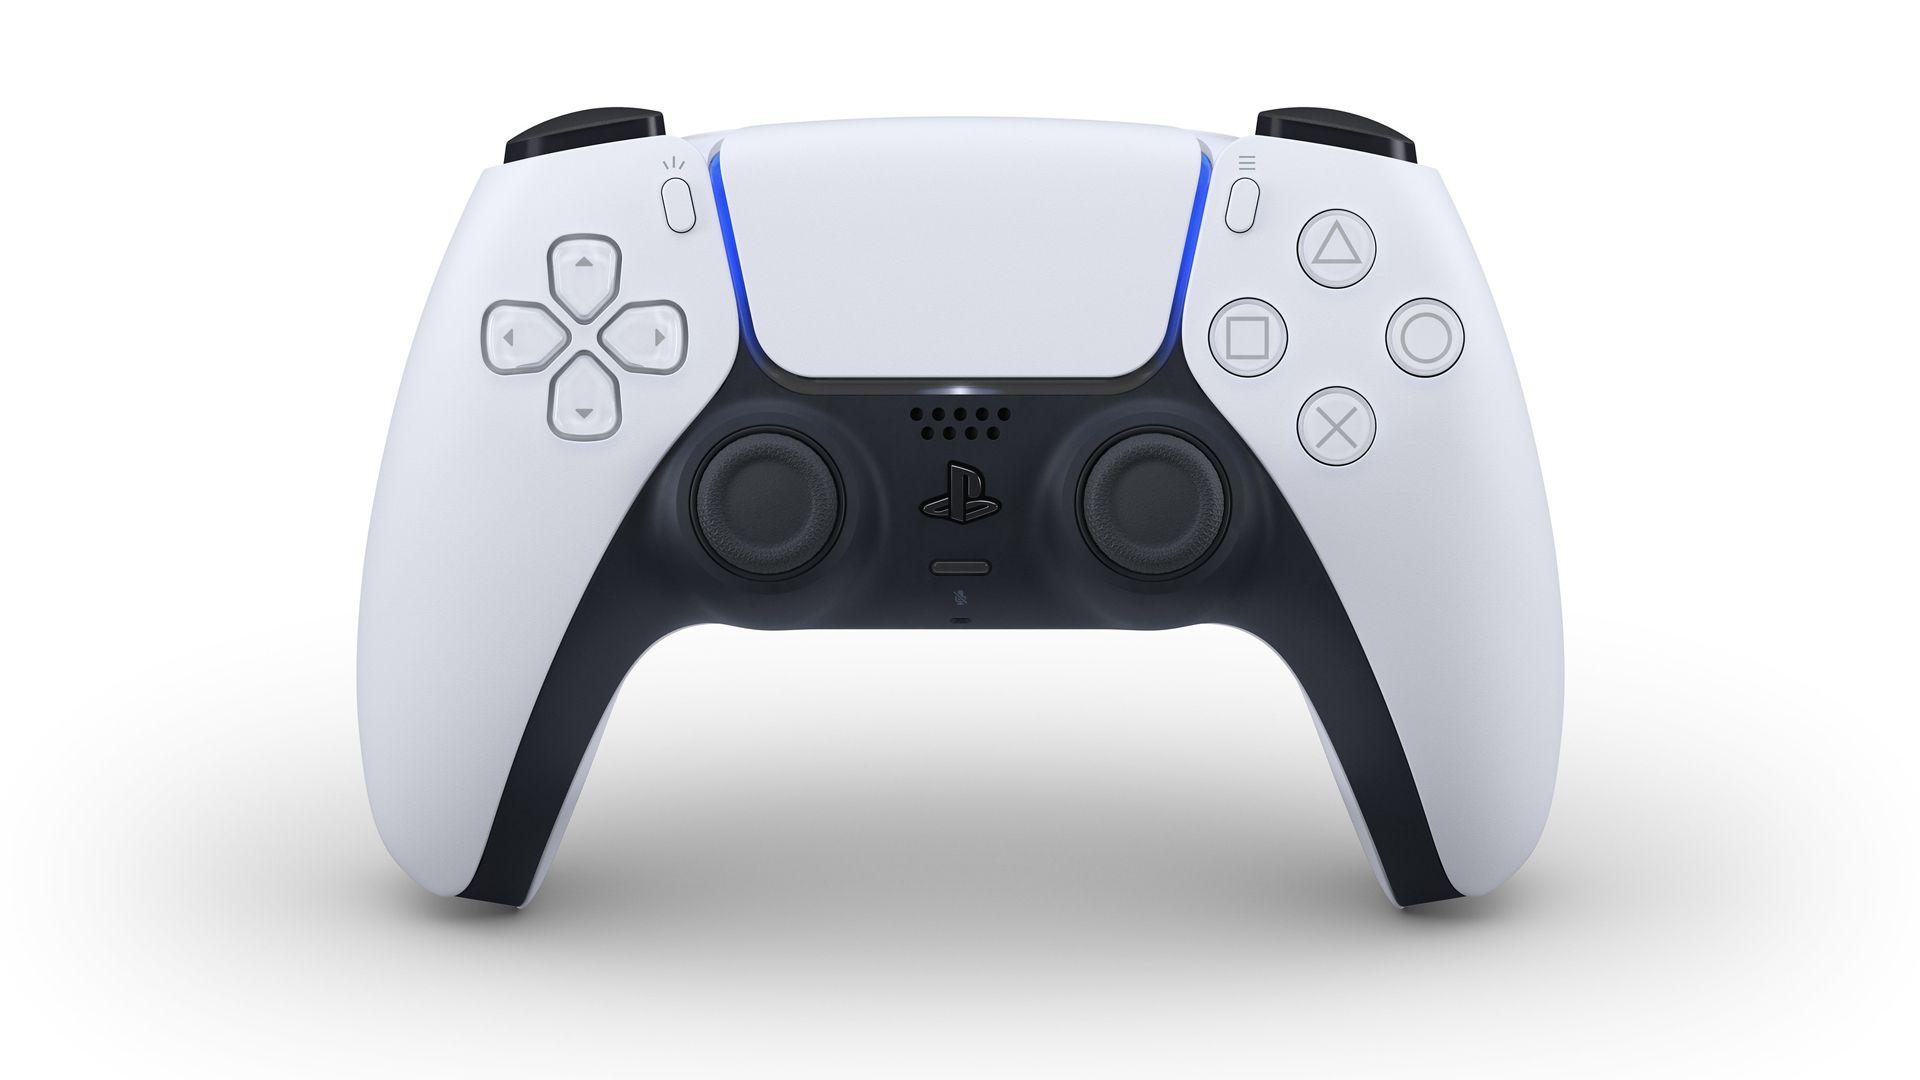 Controle do PS5, DualSense, é revelado pela Sony; veja design e recursos